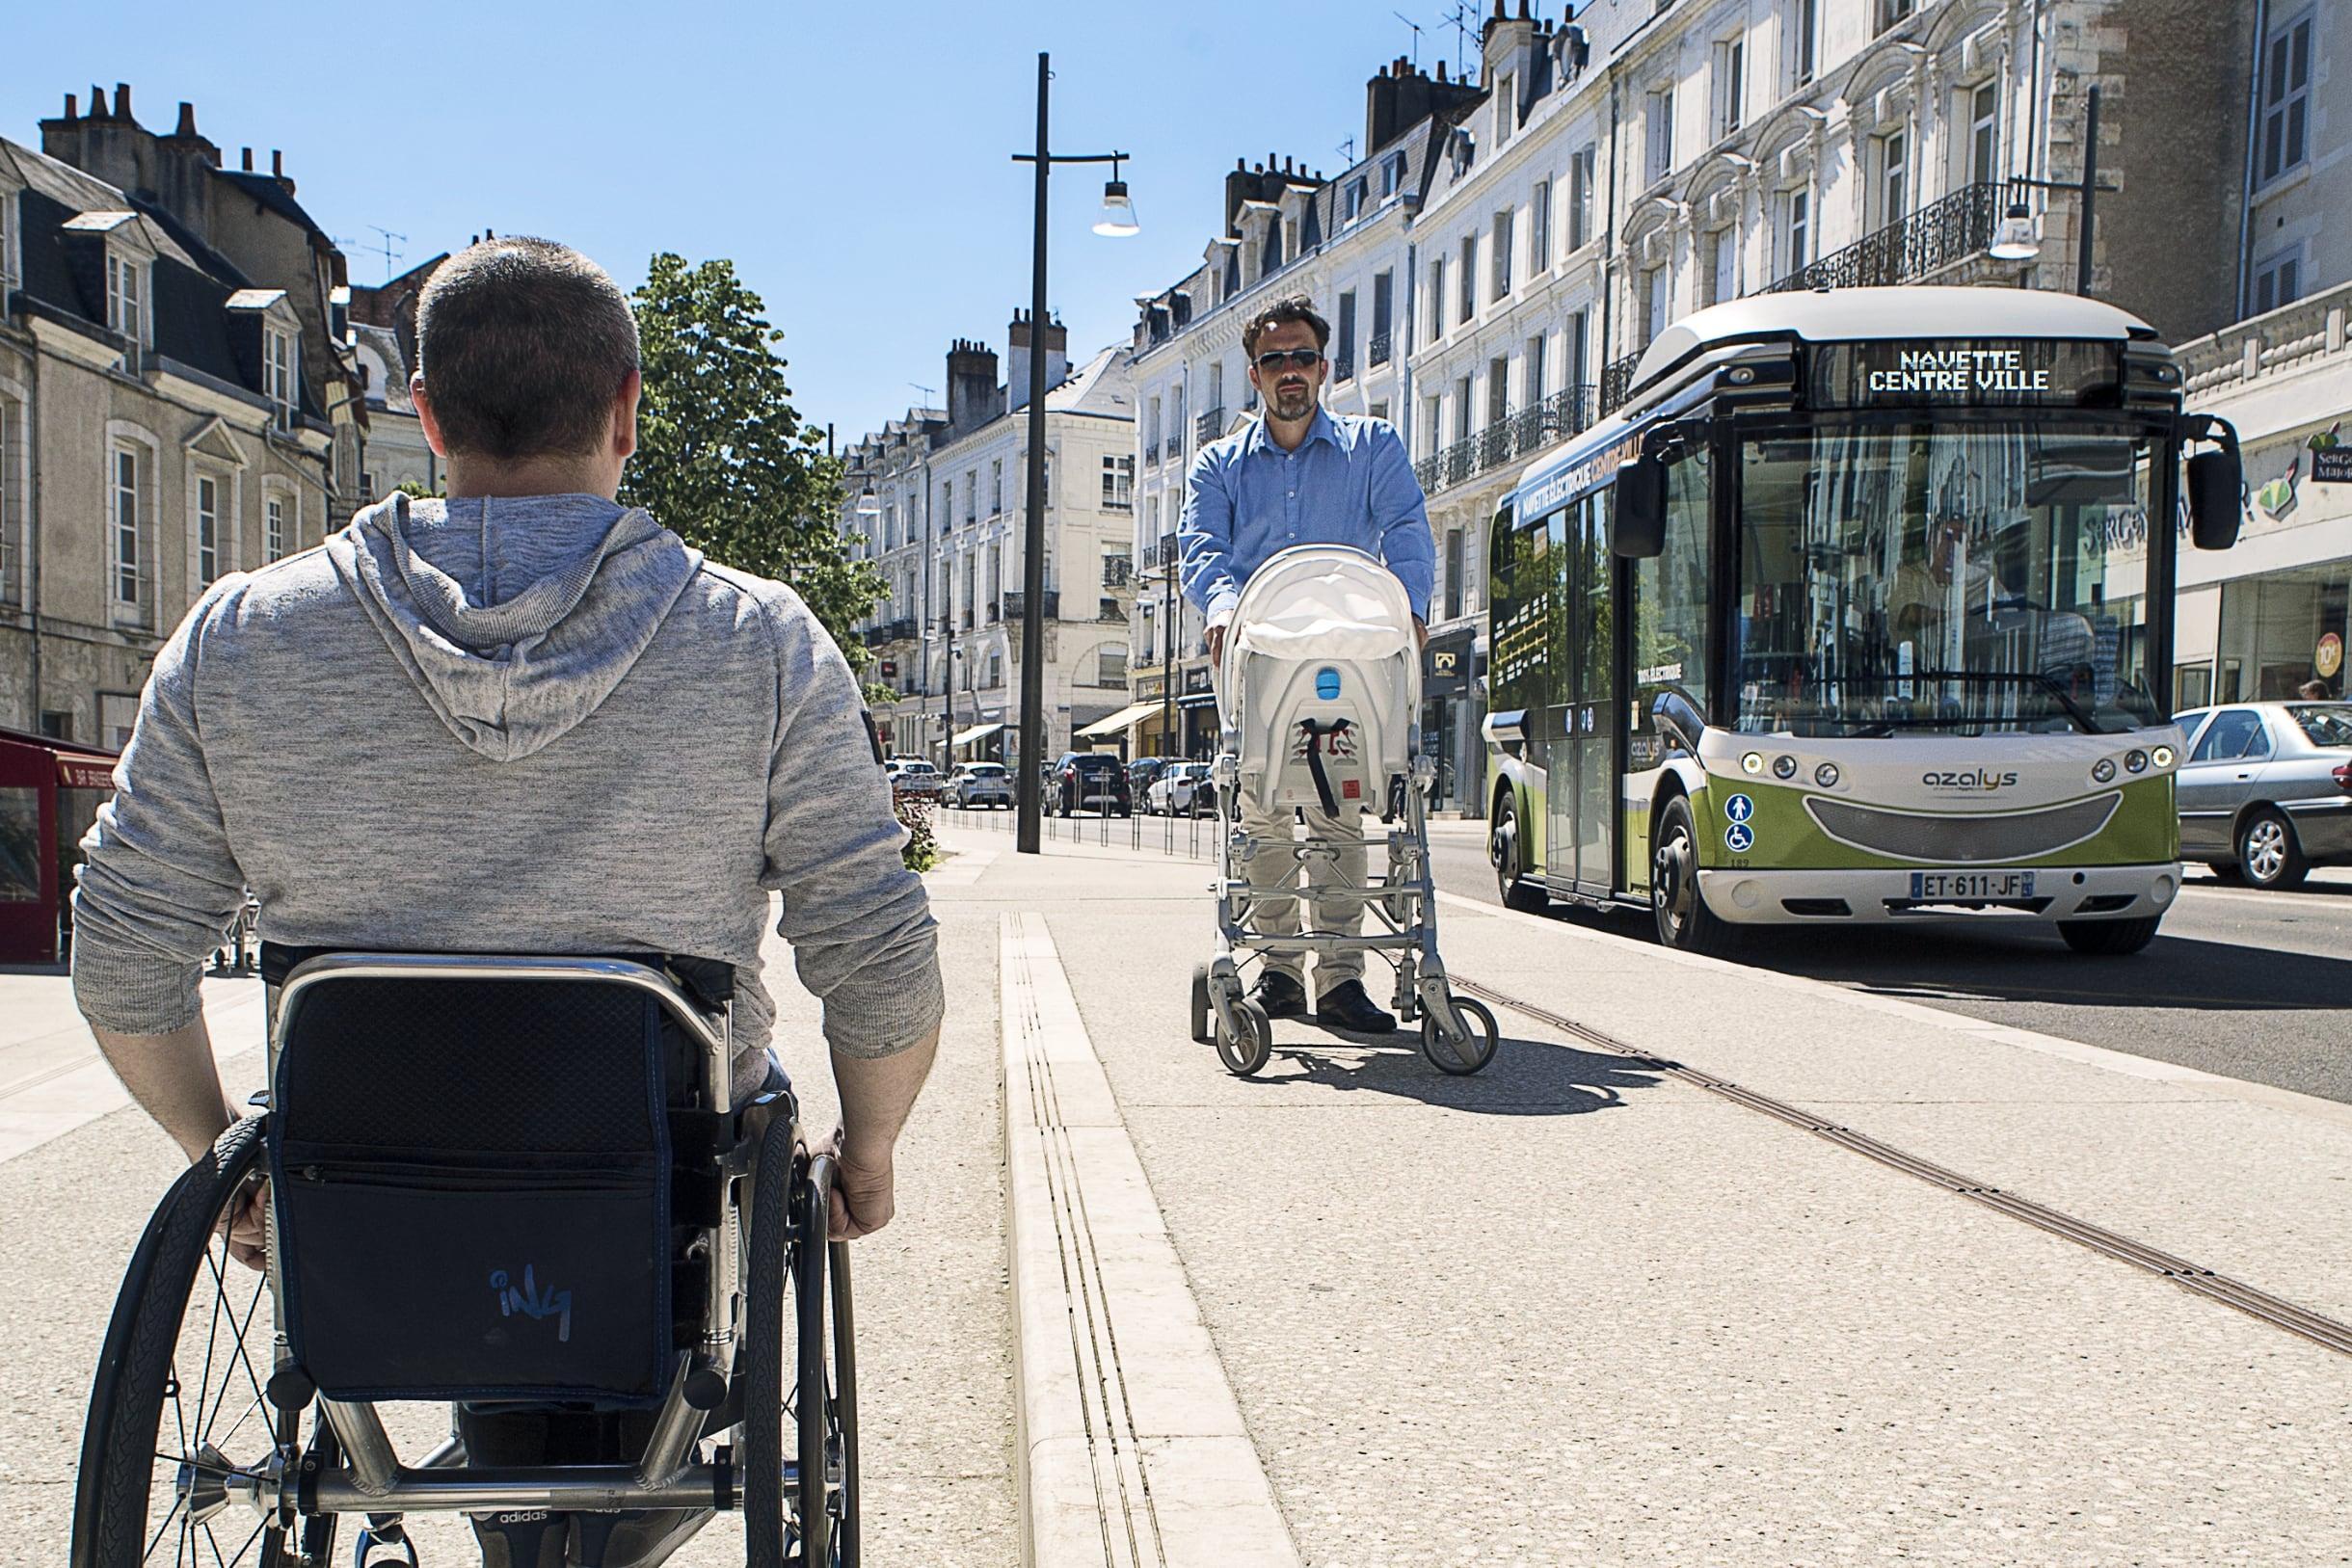 Une personne en fauteuil roulant croise une personne avec une poussette sur un trottoir accessible et doté d'une bande de guidage podotactile.